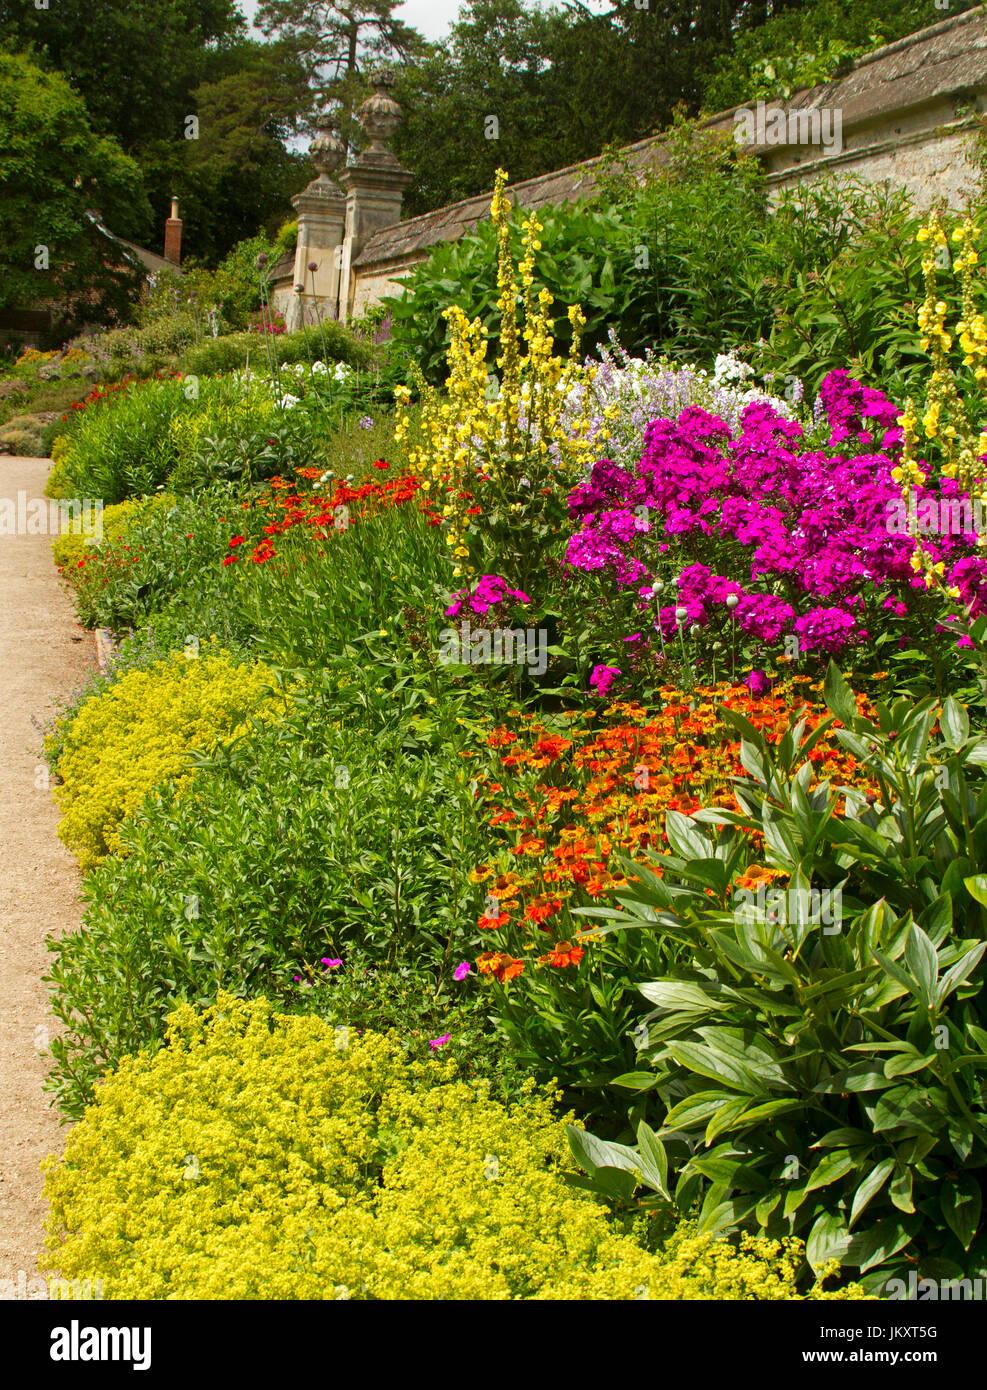 Cottage Garden Of Summer Flowering Perennials At Oxford Botanic